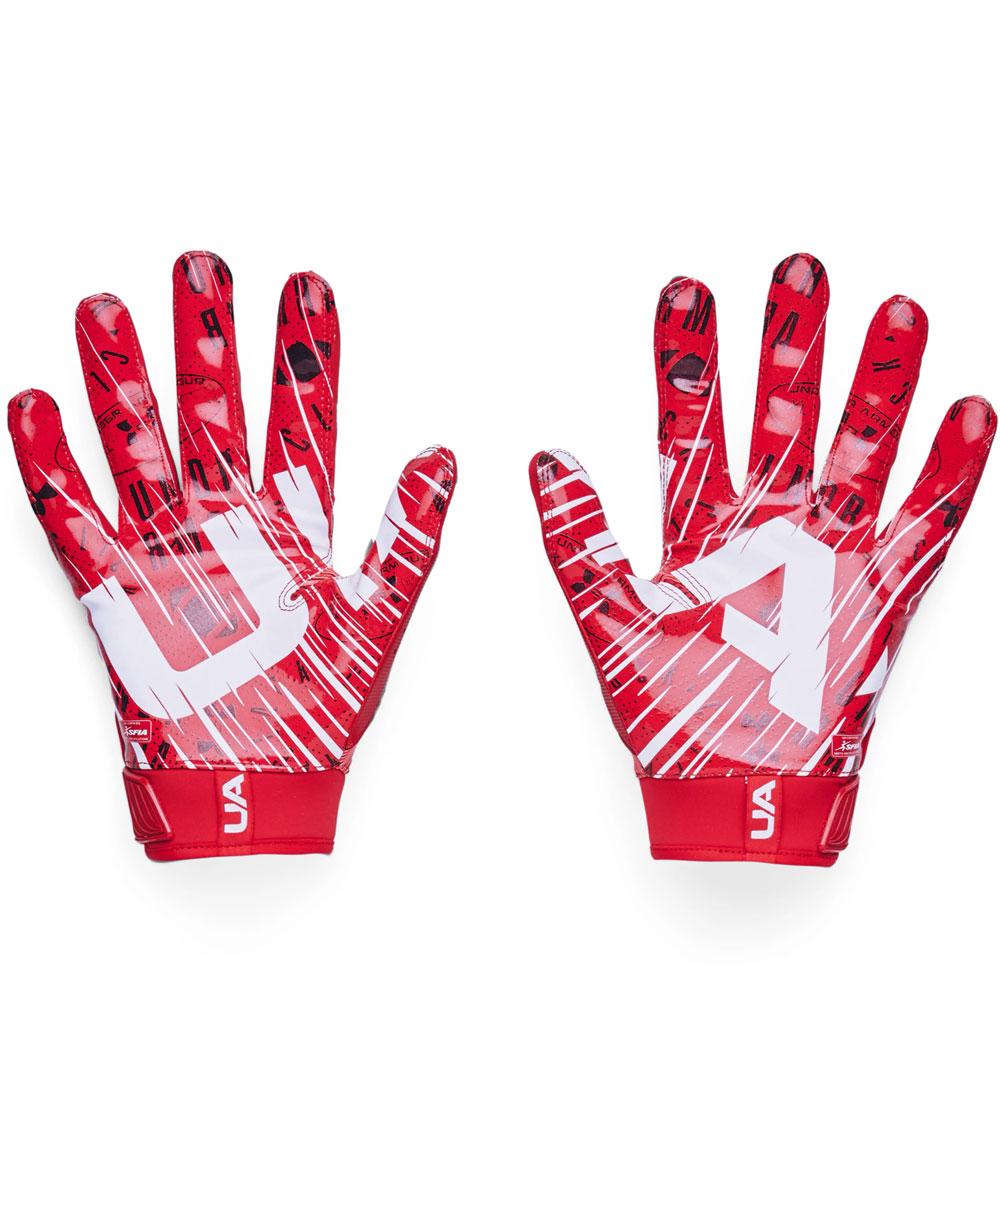 UA Blur Gants Football Américain Homme Red/Metallic Silver